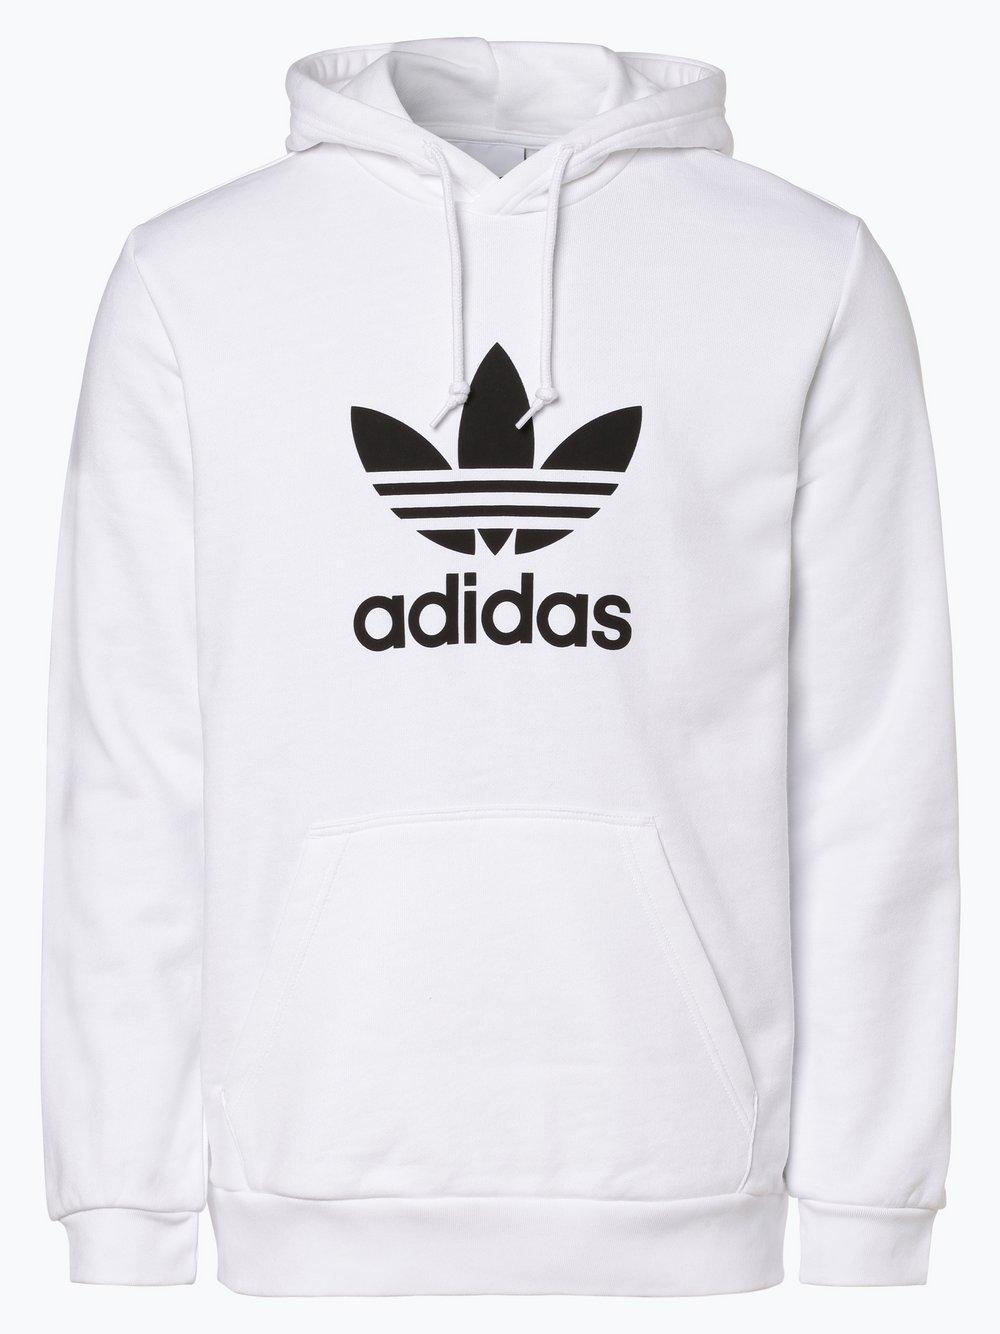 94fa44ea3 adidas Originals Męska bluza nierozpinana kup online | VANGRAAF.COM